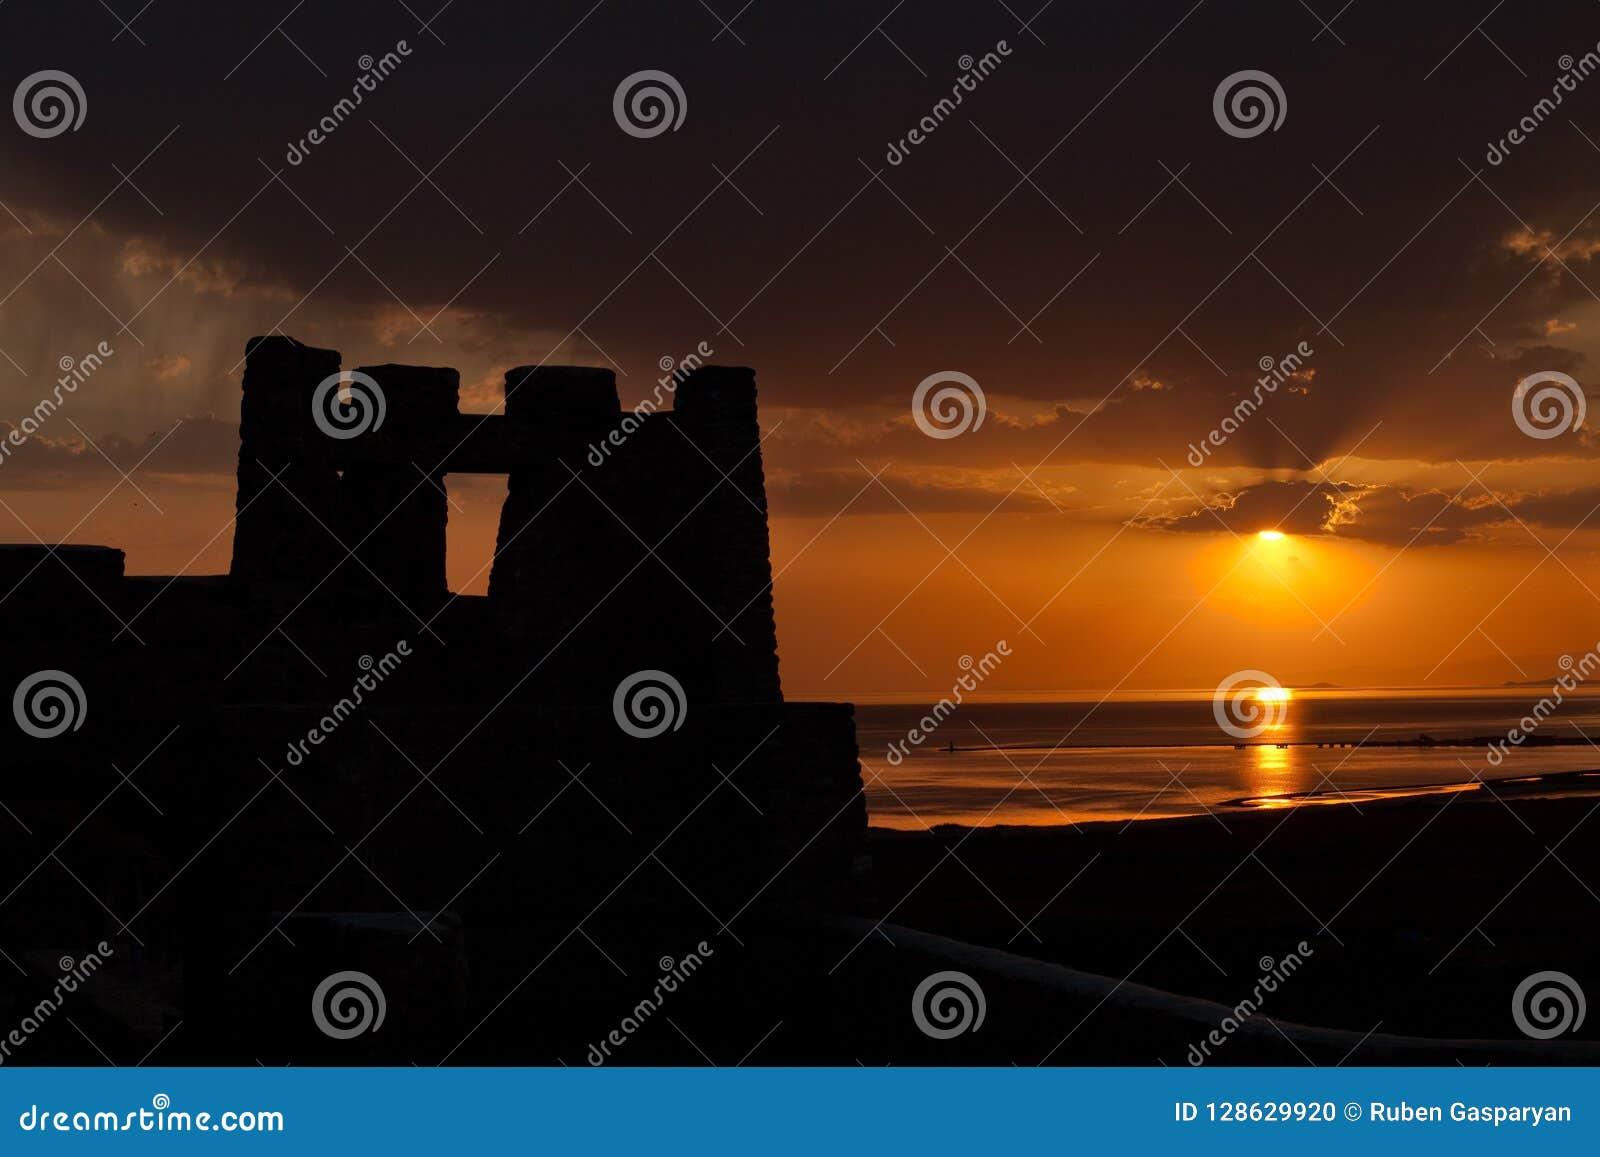 Silueta medieval del castillo en la puesta del sol